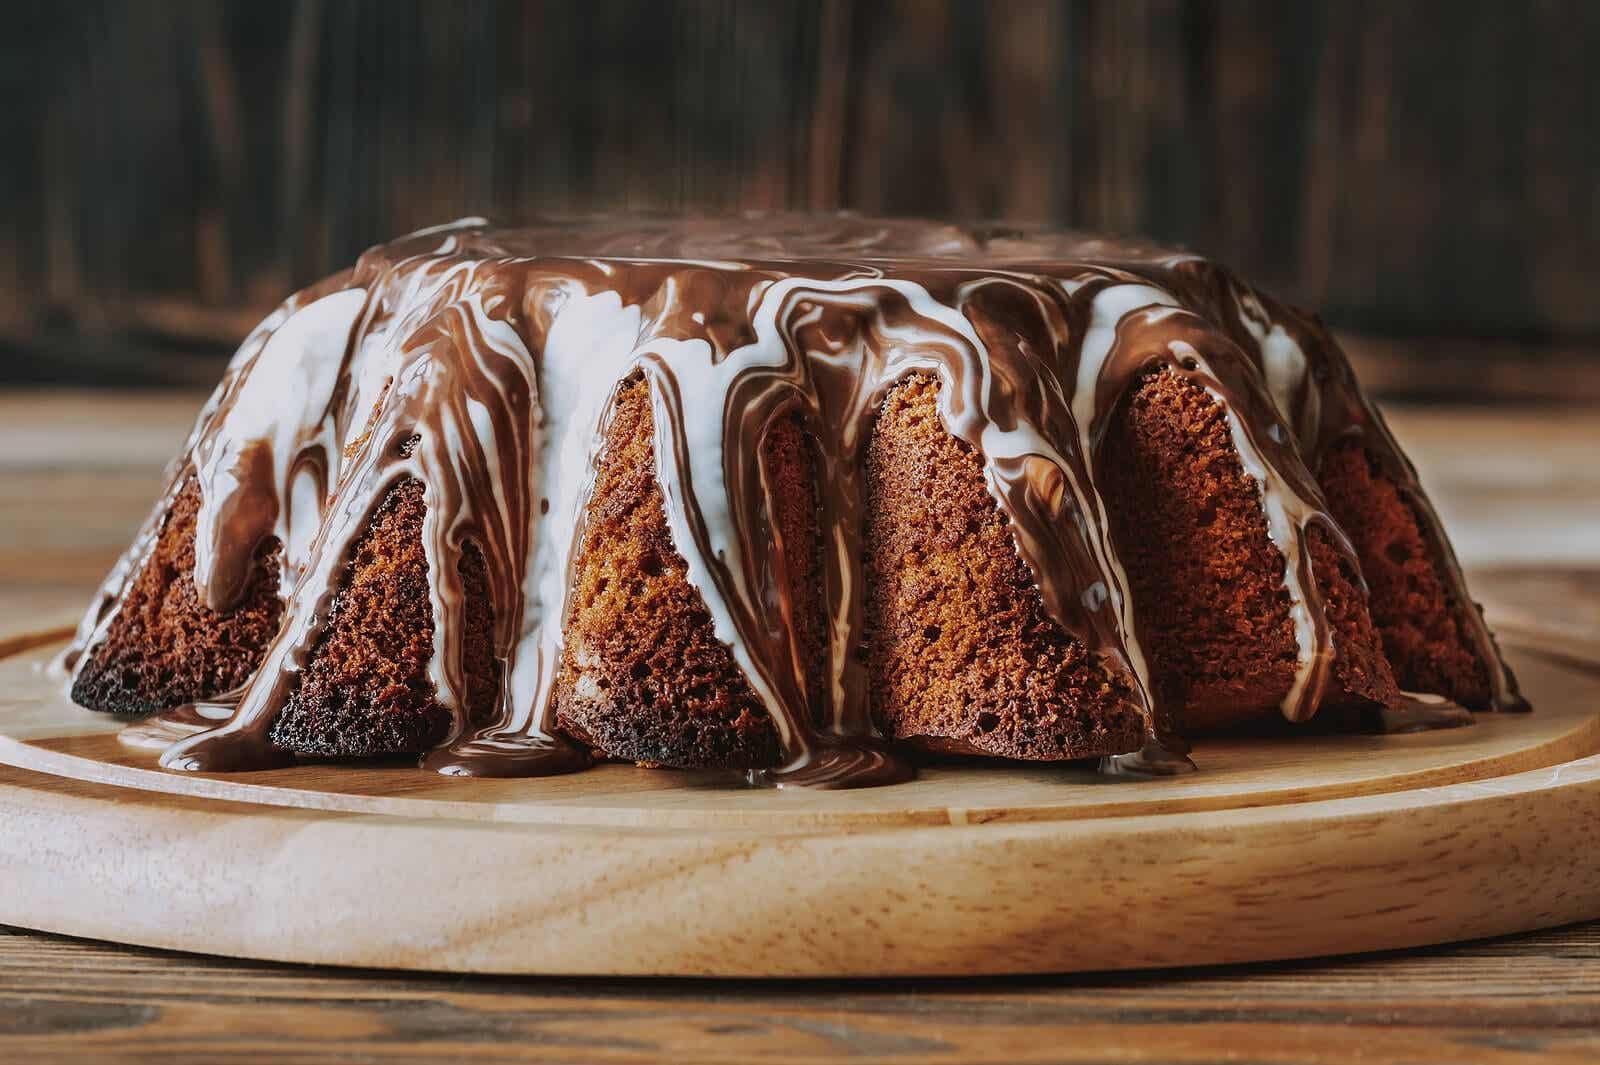 Chocolate cake recipes: homemade.